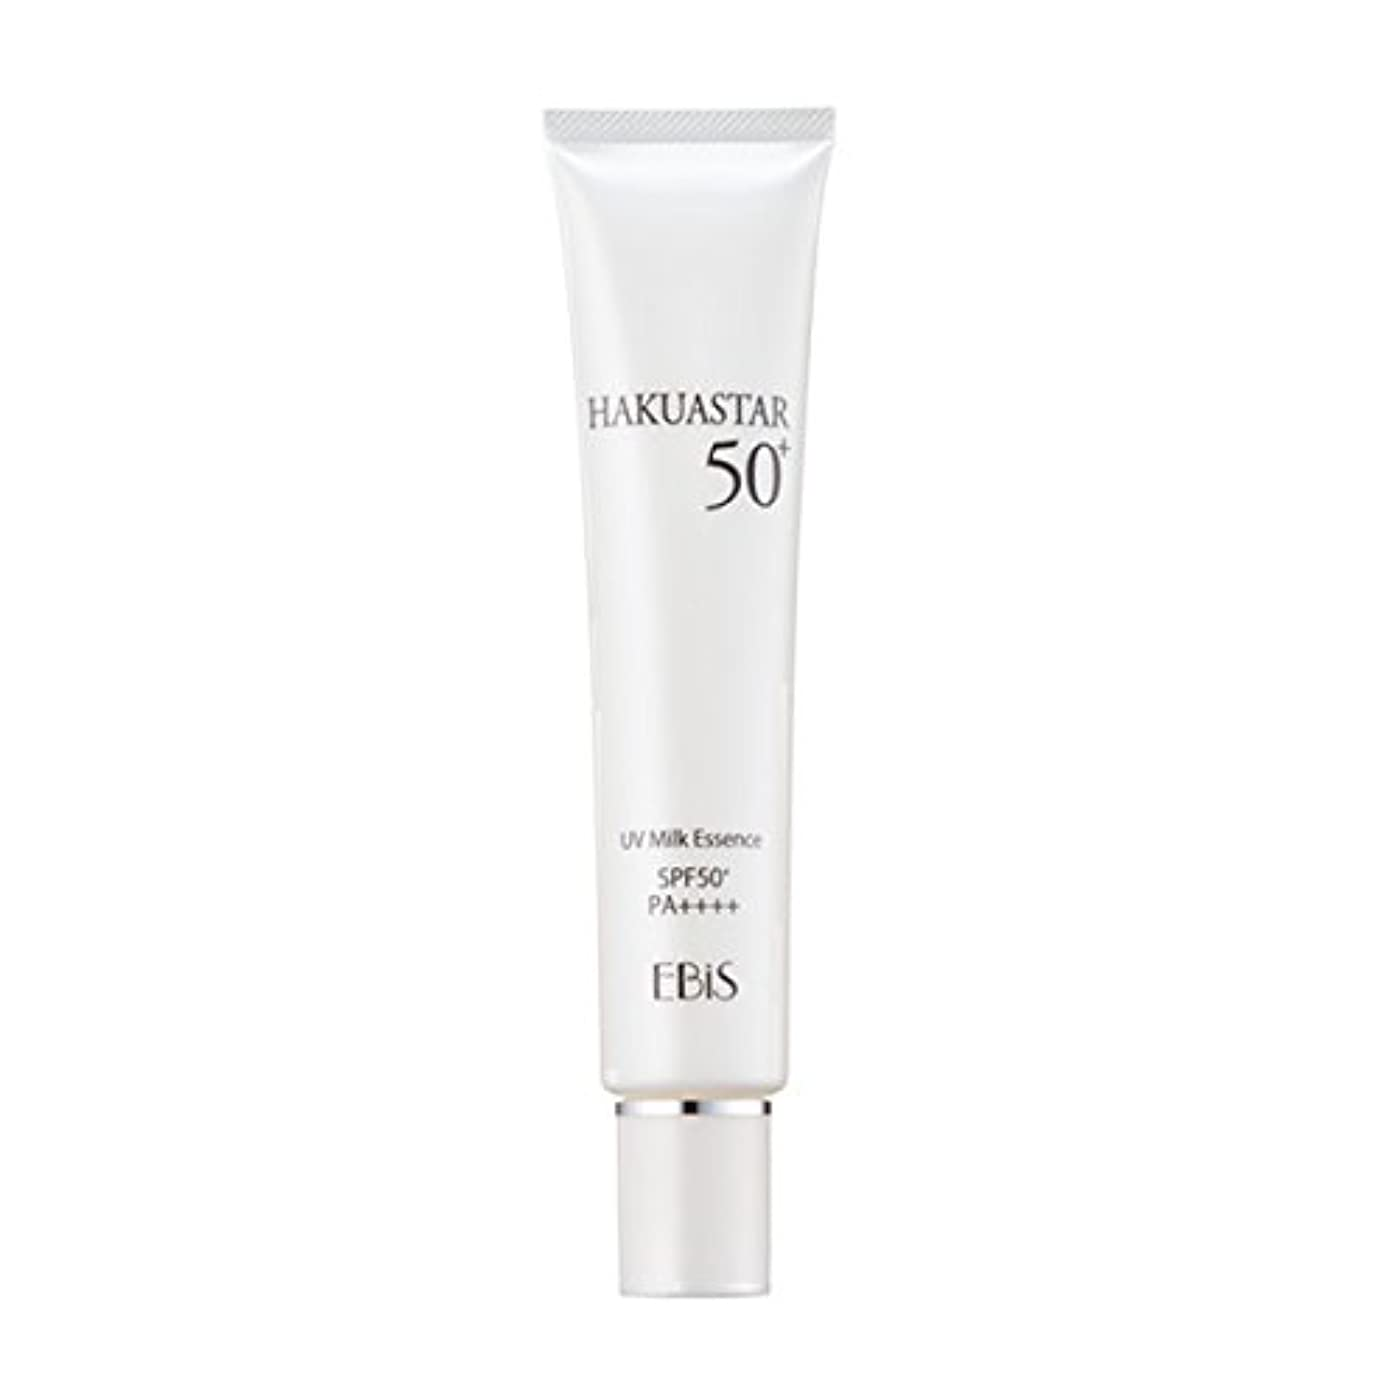 知事繰り返しつぼみエビス化粧品(EBiS) ハクアスター 40g SPF50PA+++ UVクリーム(日焼け止め) 紫外線対策 化粧下地としても使える